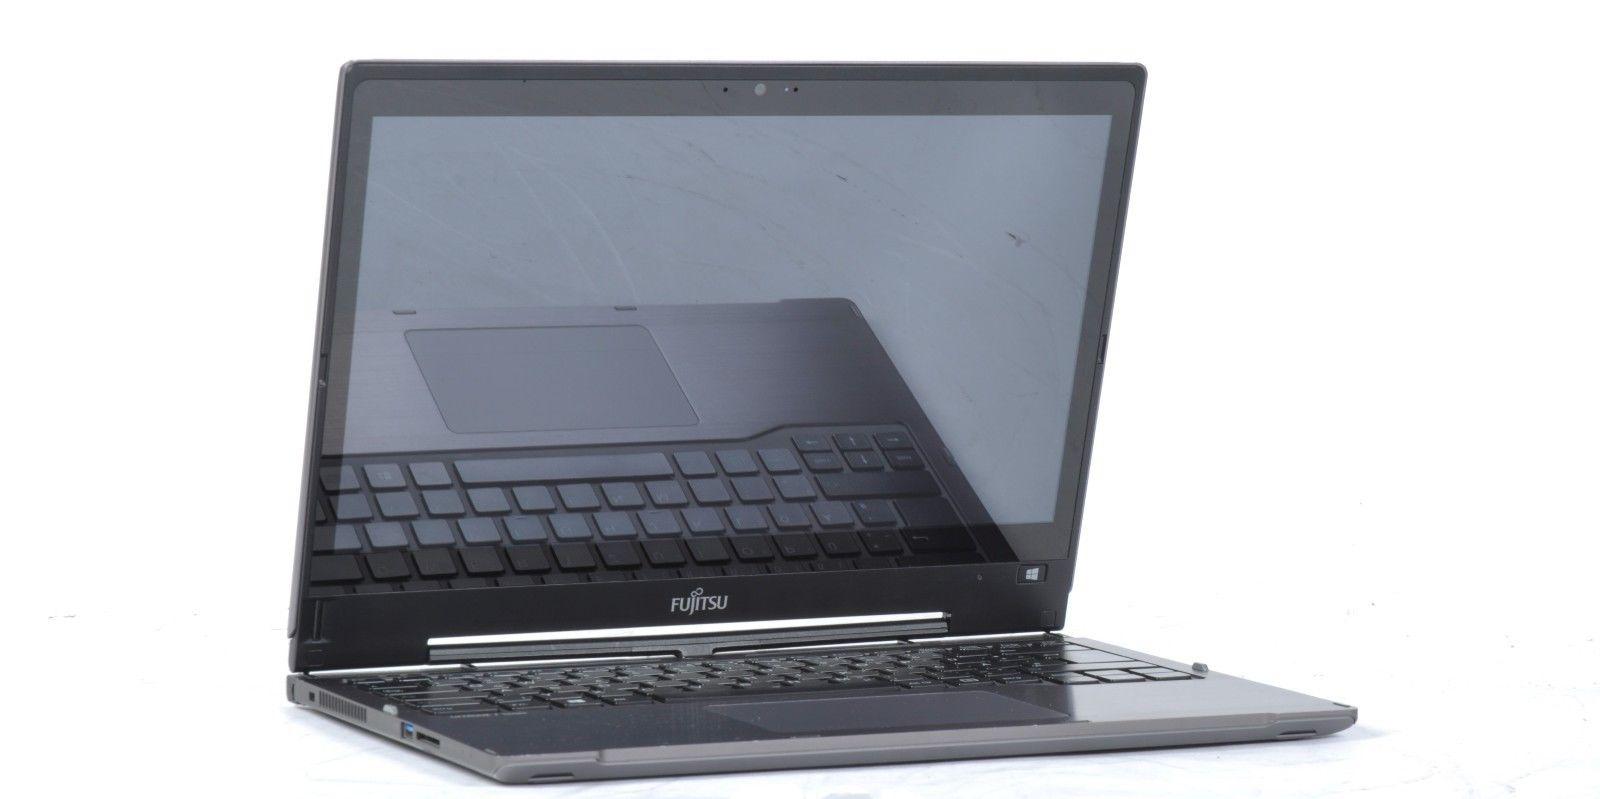 Fujitsu Lifebook T904 Notebook Ultrabook Tablet i5 256GB SSD 8GB 13,3 Zoll Win10